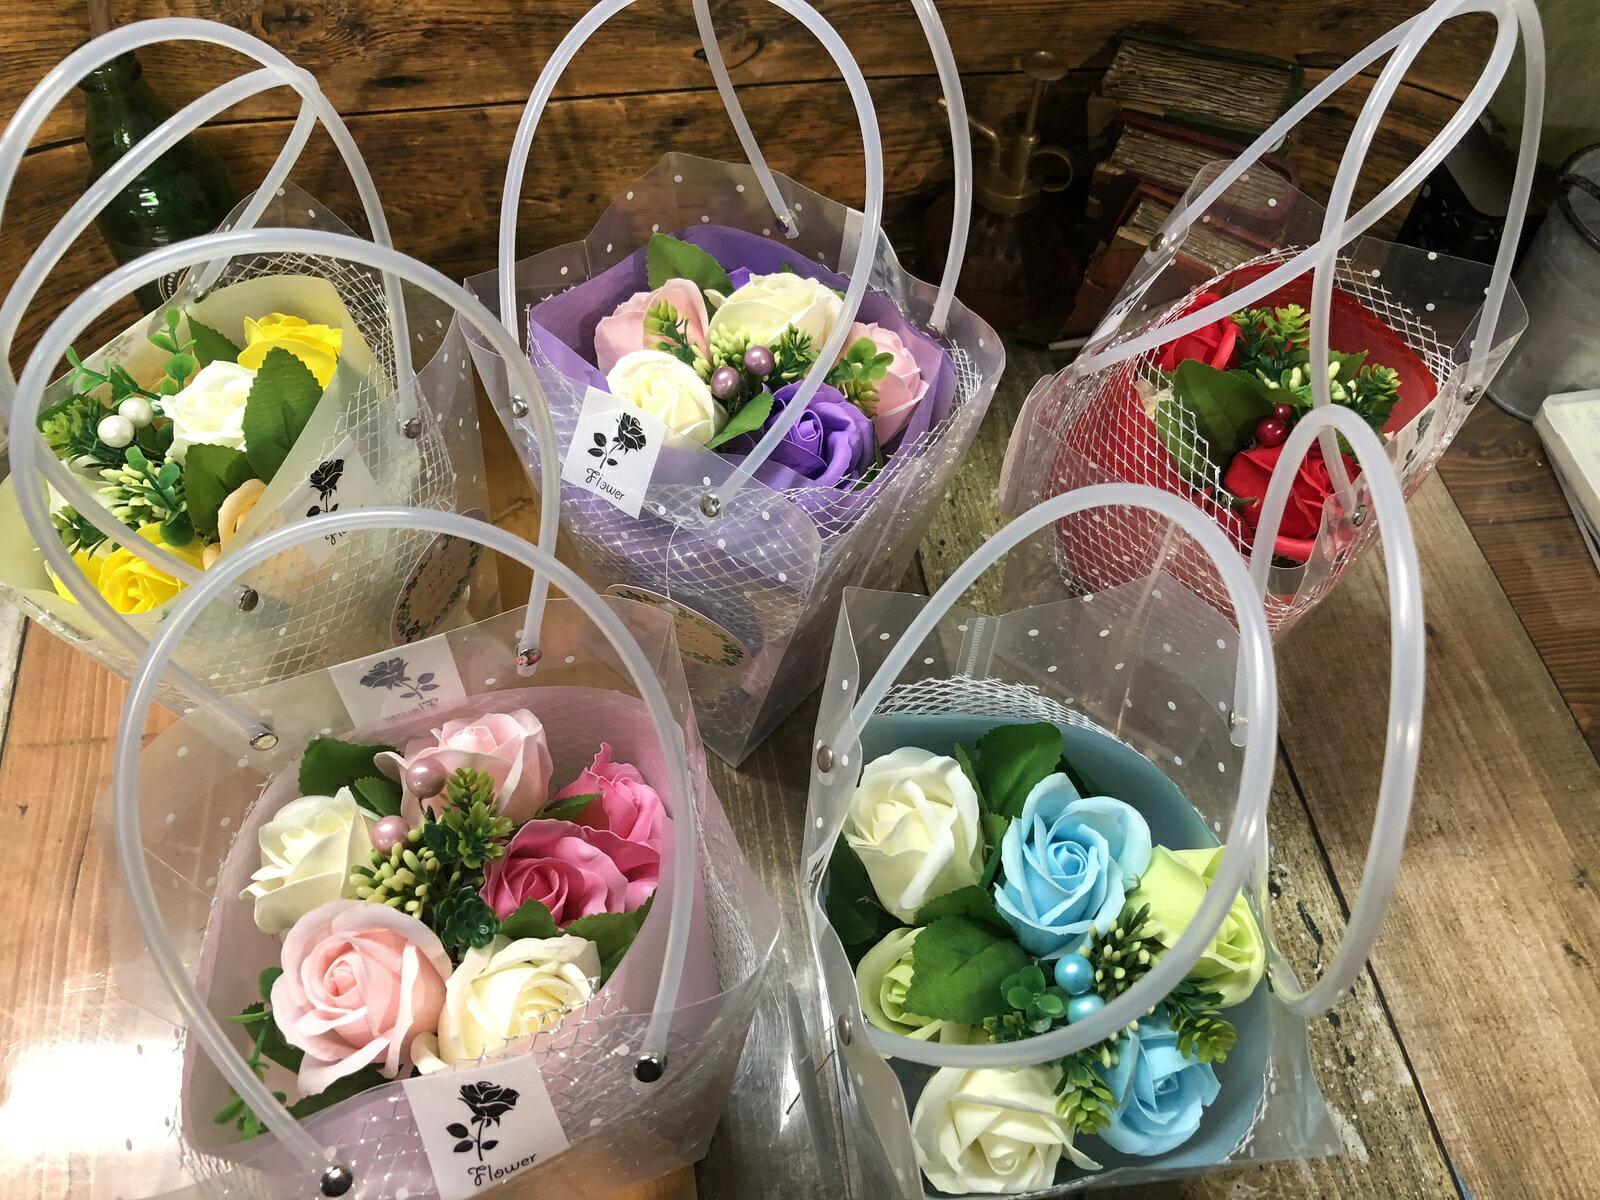 【クーポン】メタルブーケ5色 フレグランスフラワー 石鹸で出来たシャボンフラワー送料無料 石鹸 フラワーギフト 母の日 石鹸フラワー ミニブーケ 枯れない花 造花 かわいい 人気 オススメ